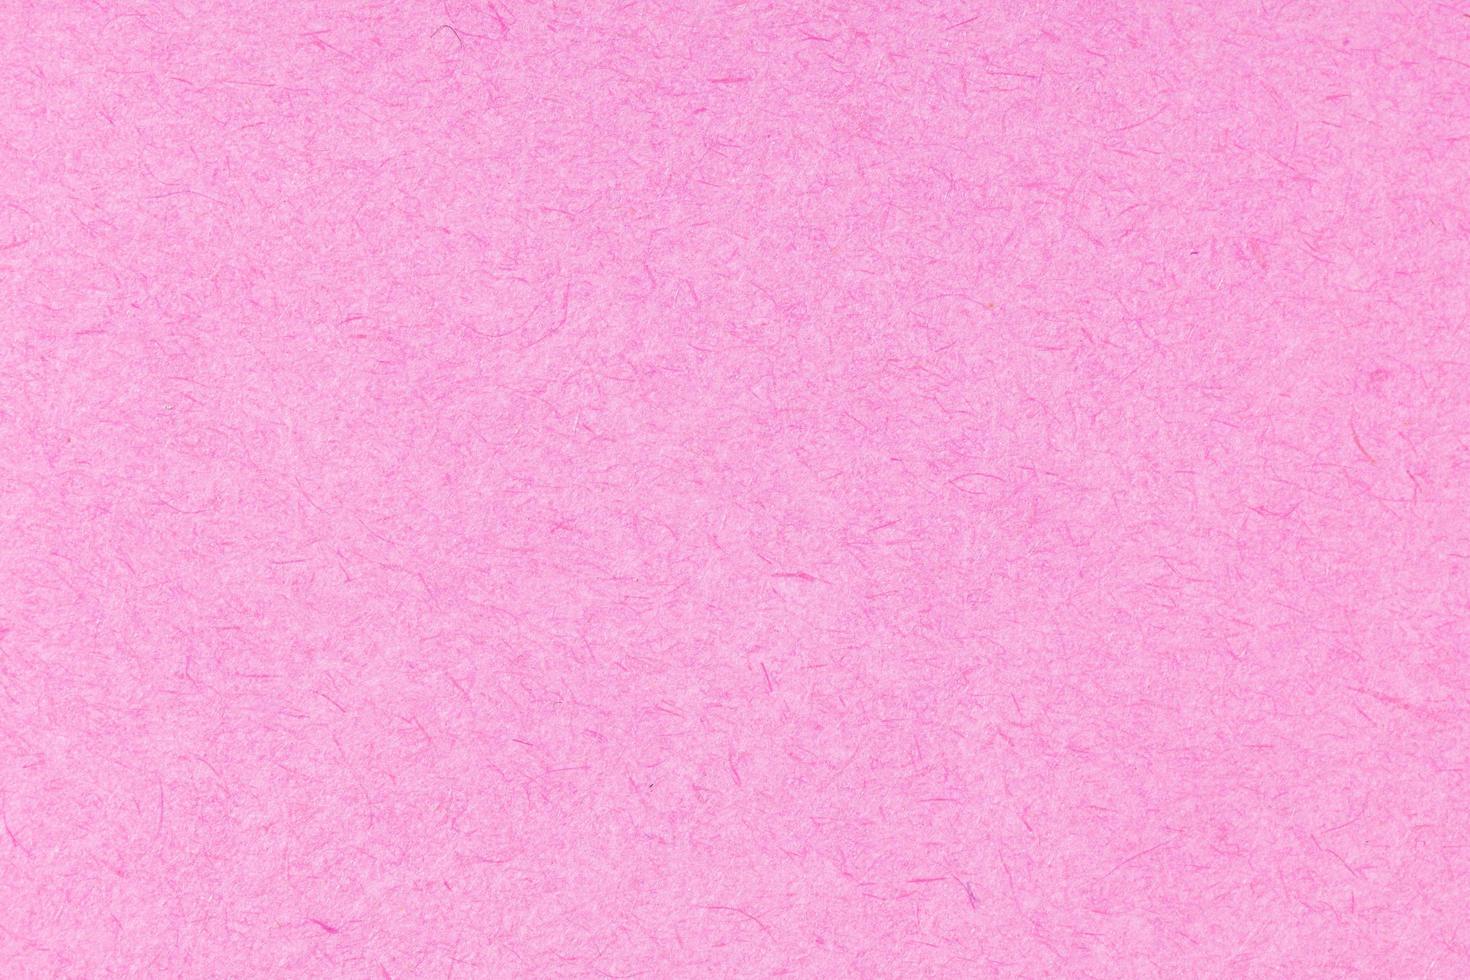 rosa texturerat papper bakgrund. full ram foto